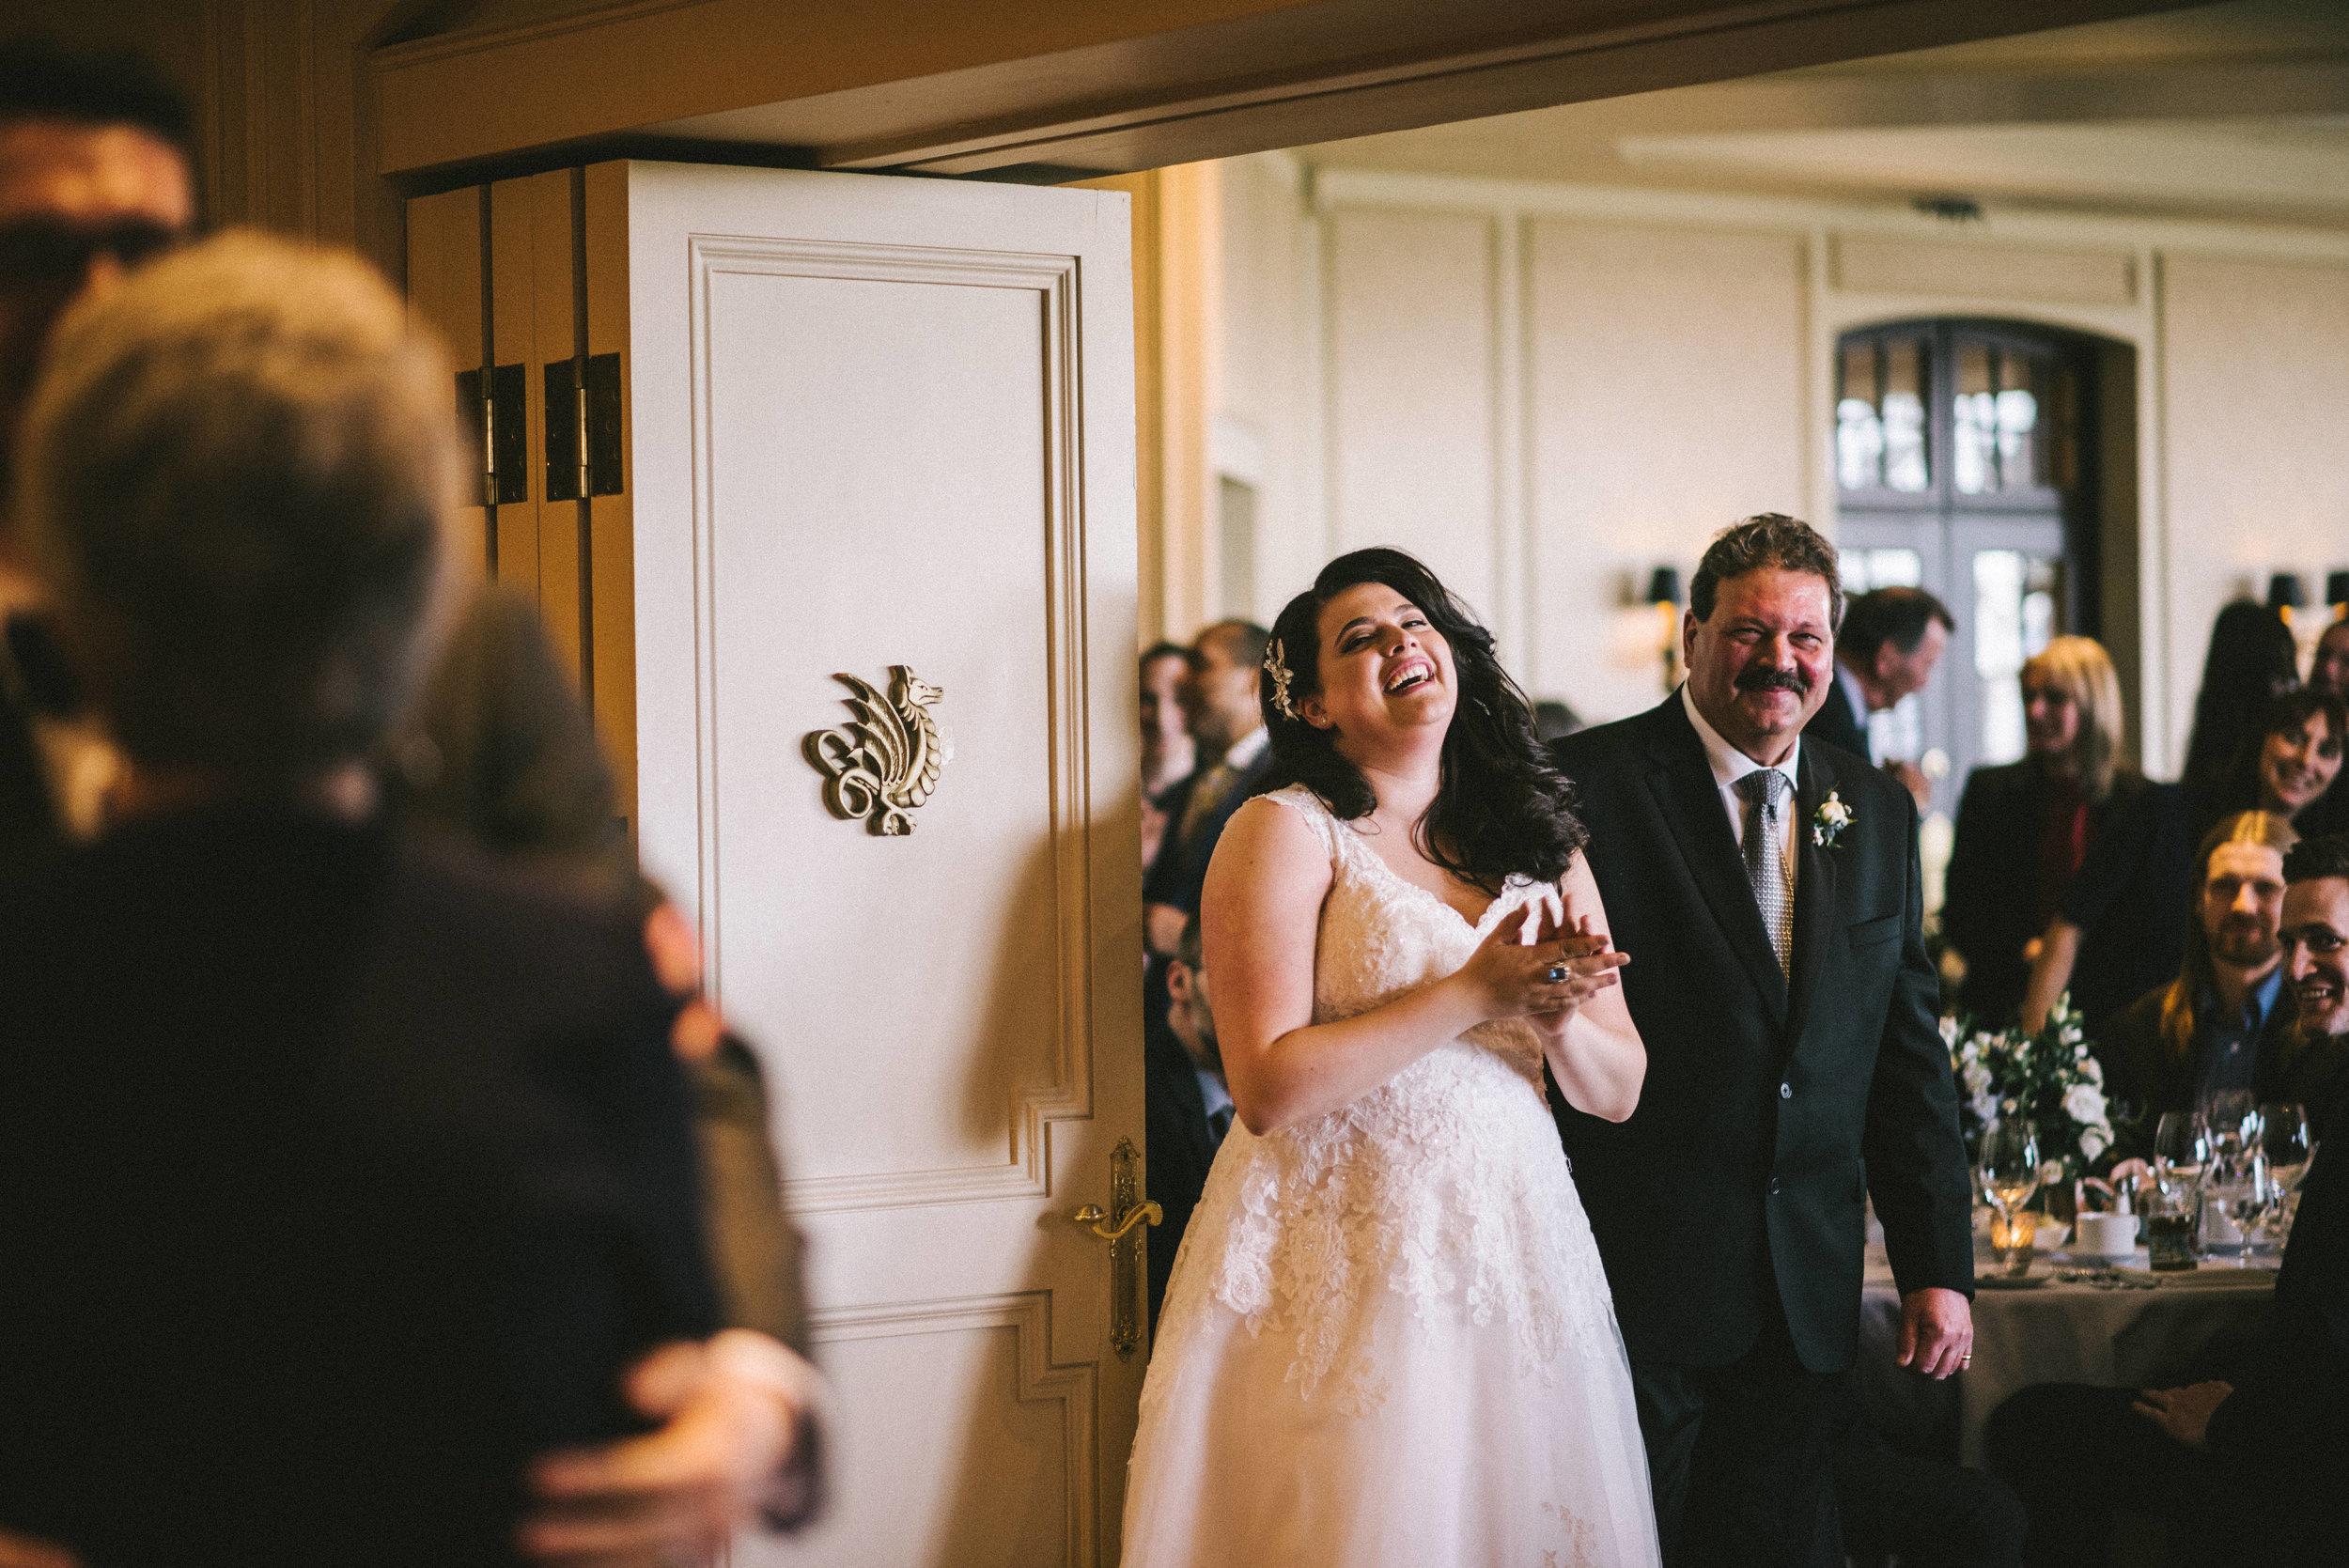 elaina-andrew-stgeorges-wedding-534.jpg